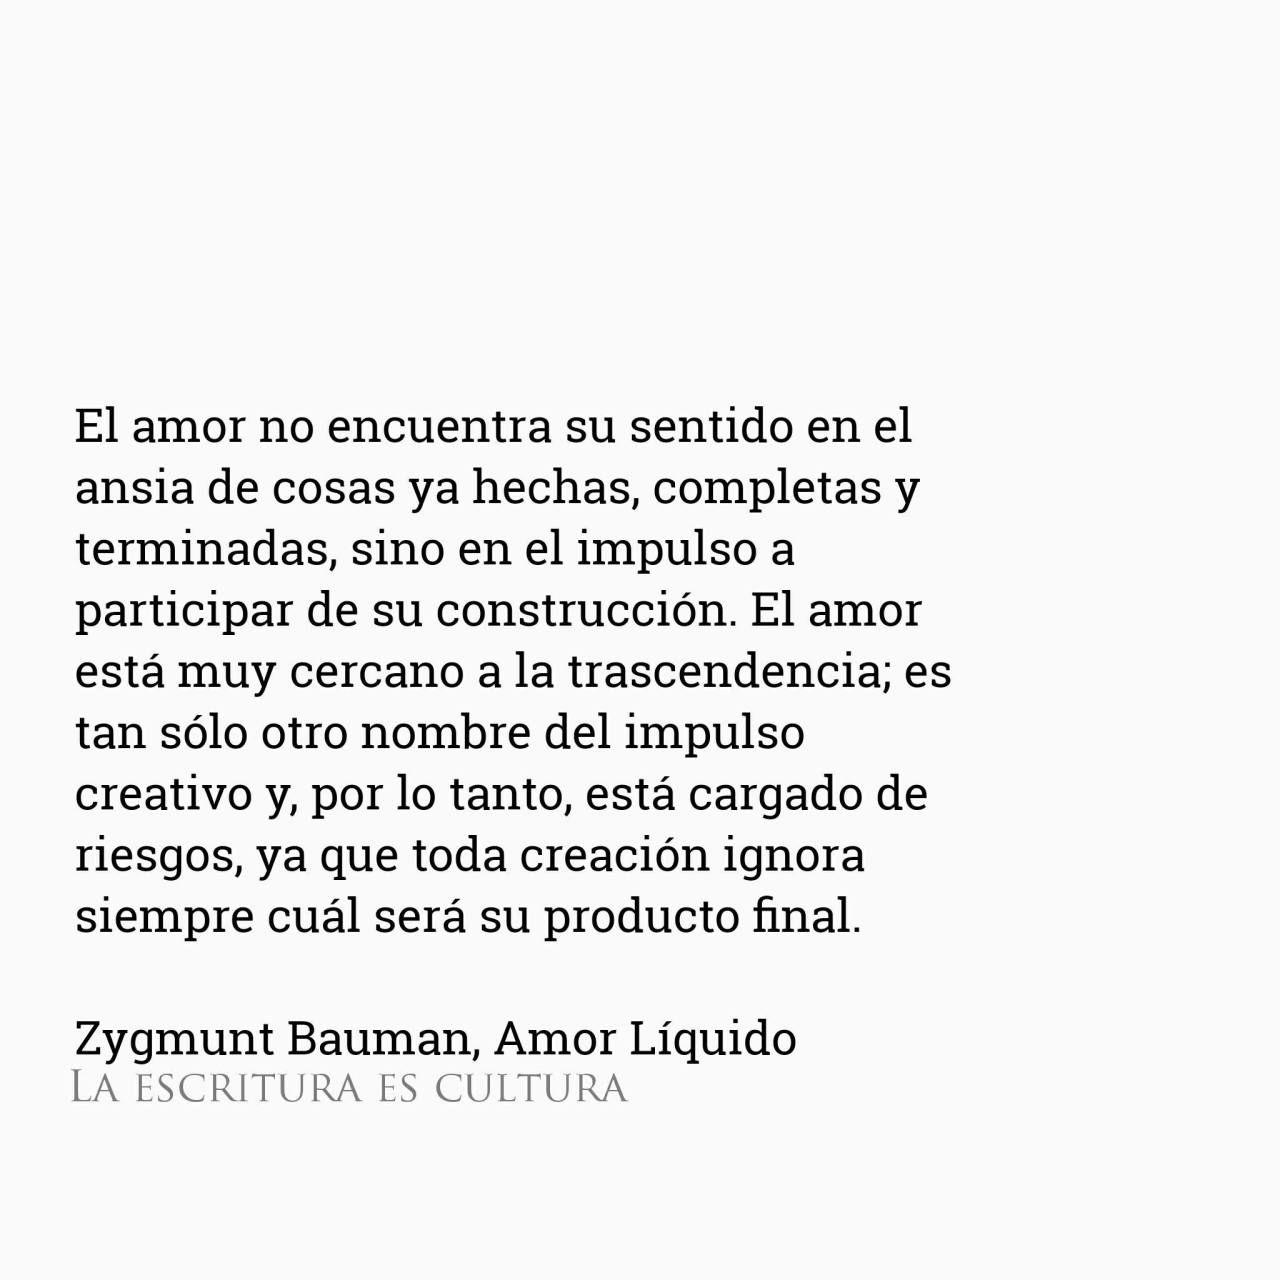 Zygmunt Bauman Amor Liquido El Amor No Encuentra Su Sentido En